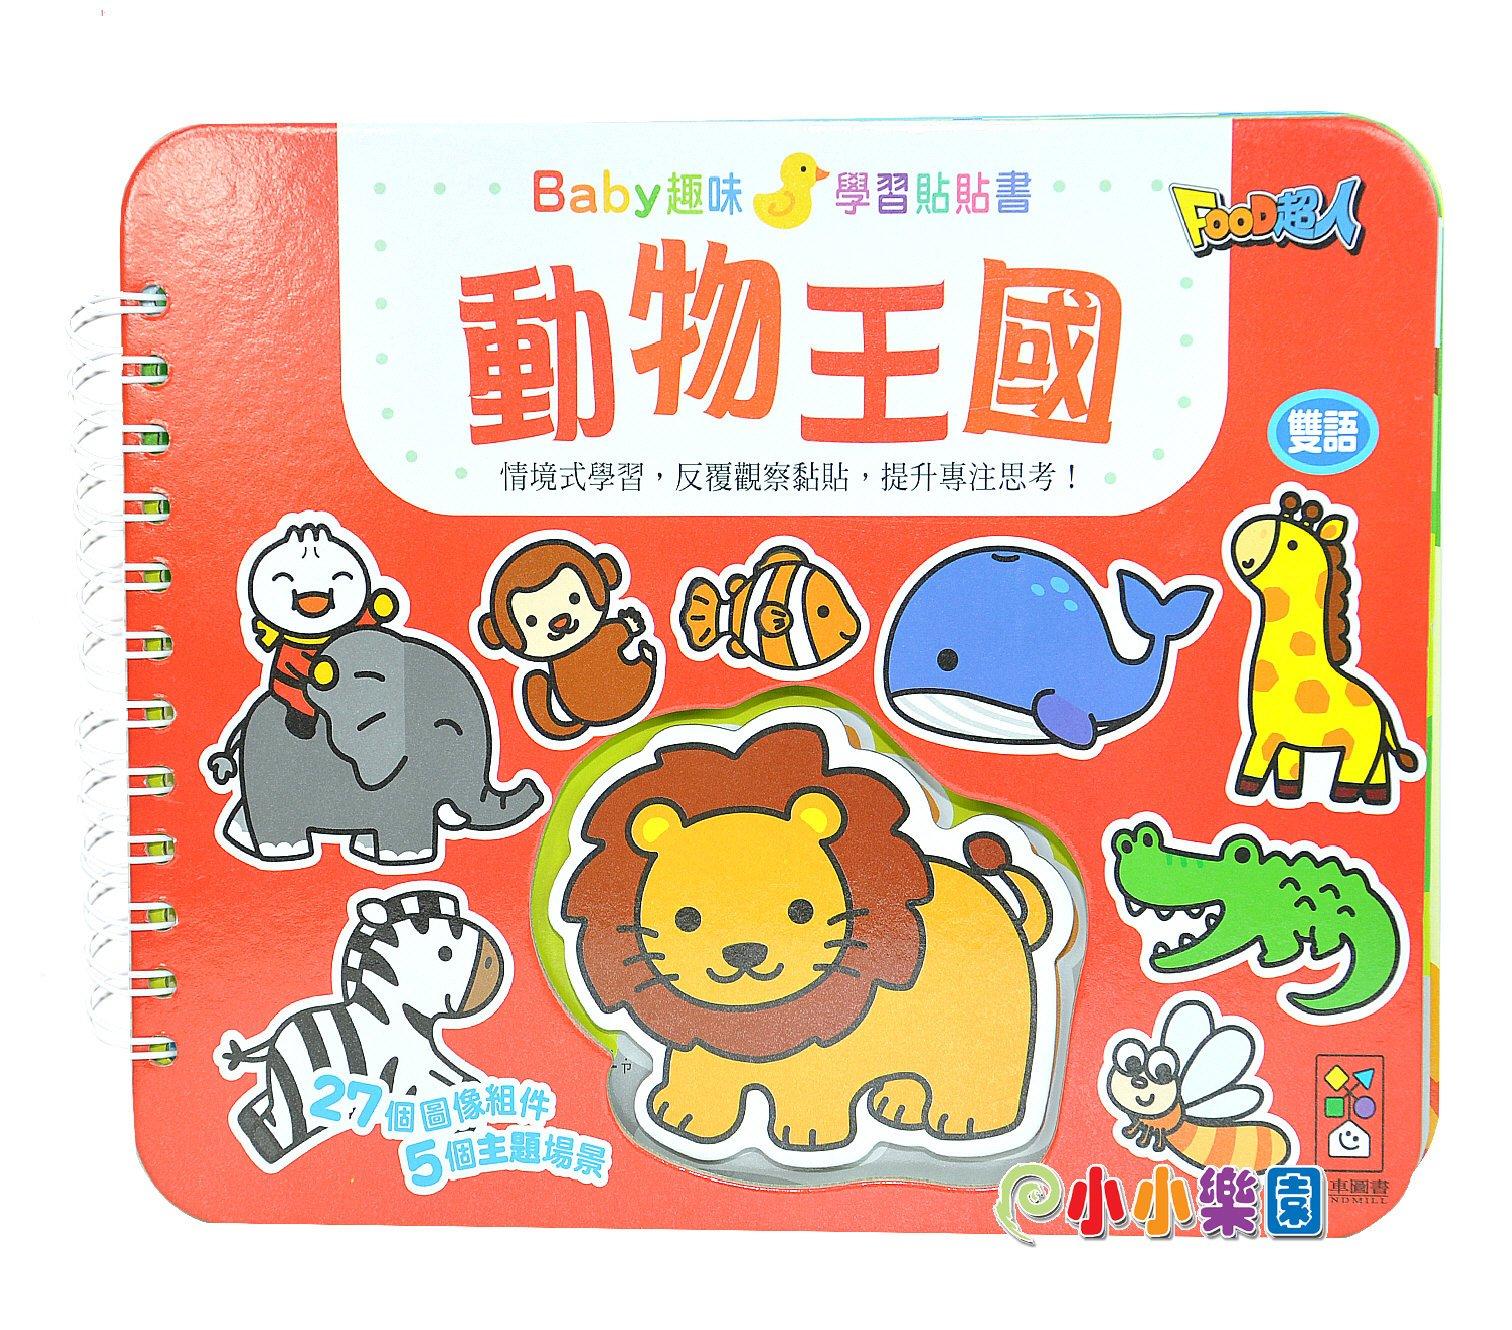 *小小樂園*風車圖書 動物王國Baby趣味學習貼貼書,情境式學習,反覆觀察黏貼,提升專注思考!